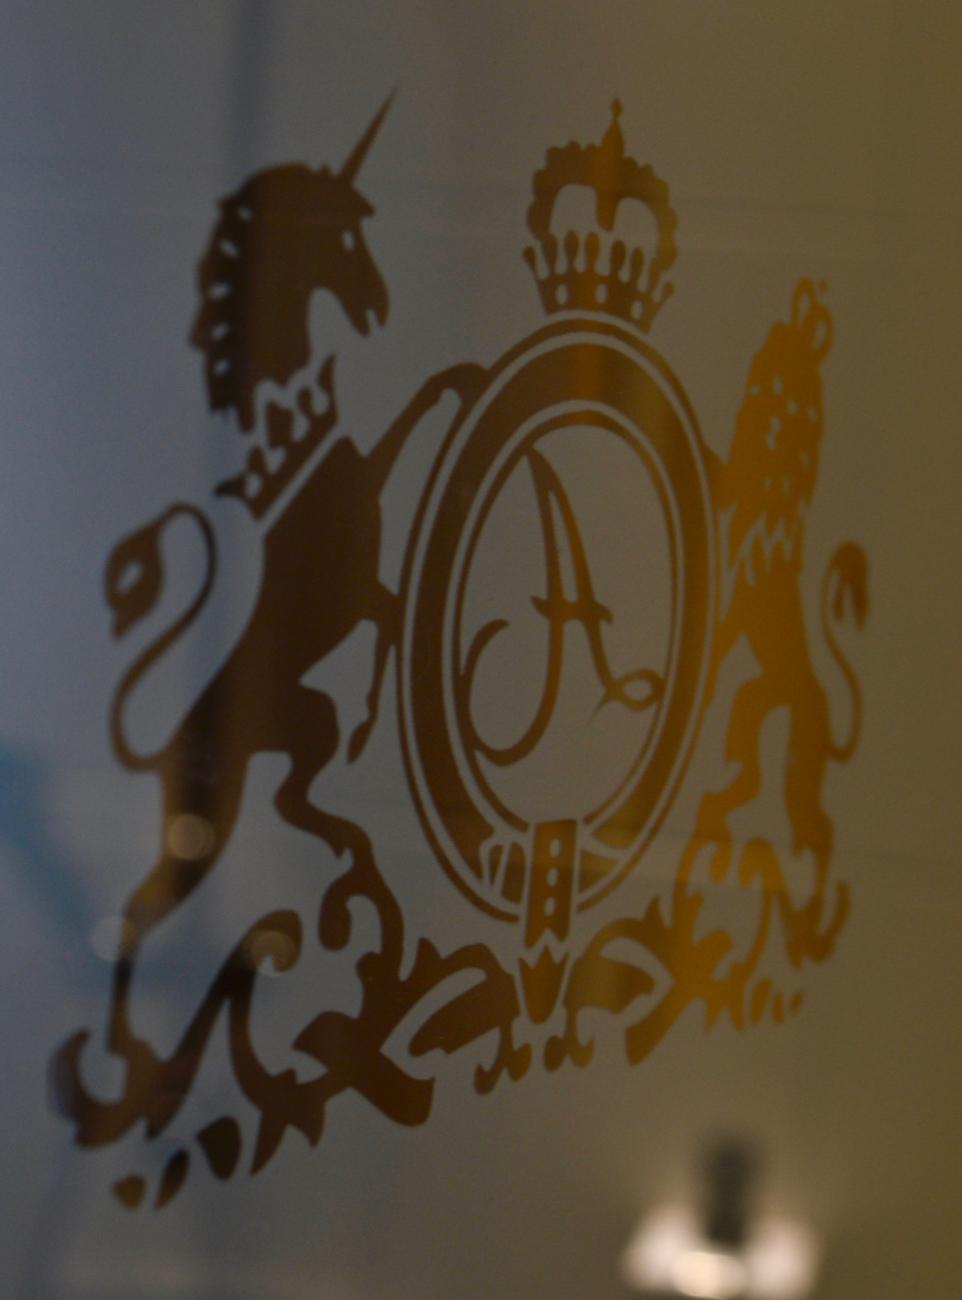 scandic anglais emblem stockholm